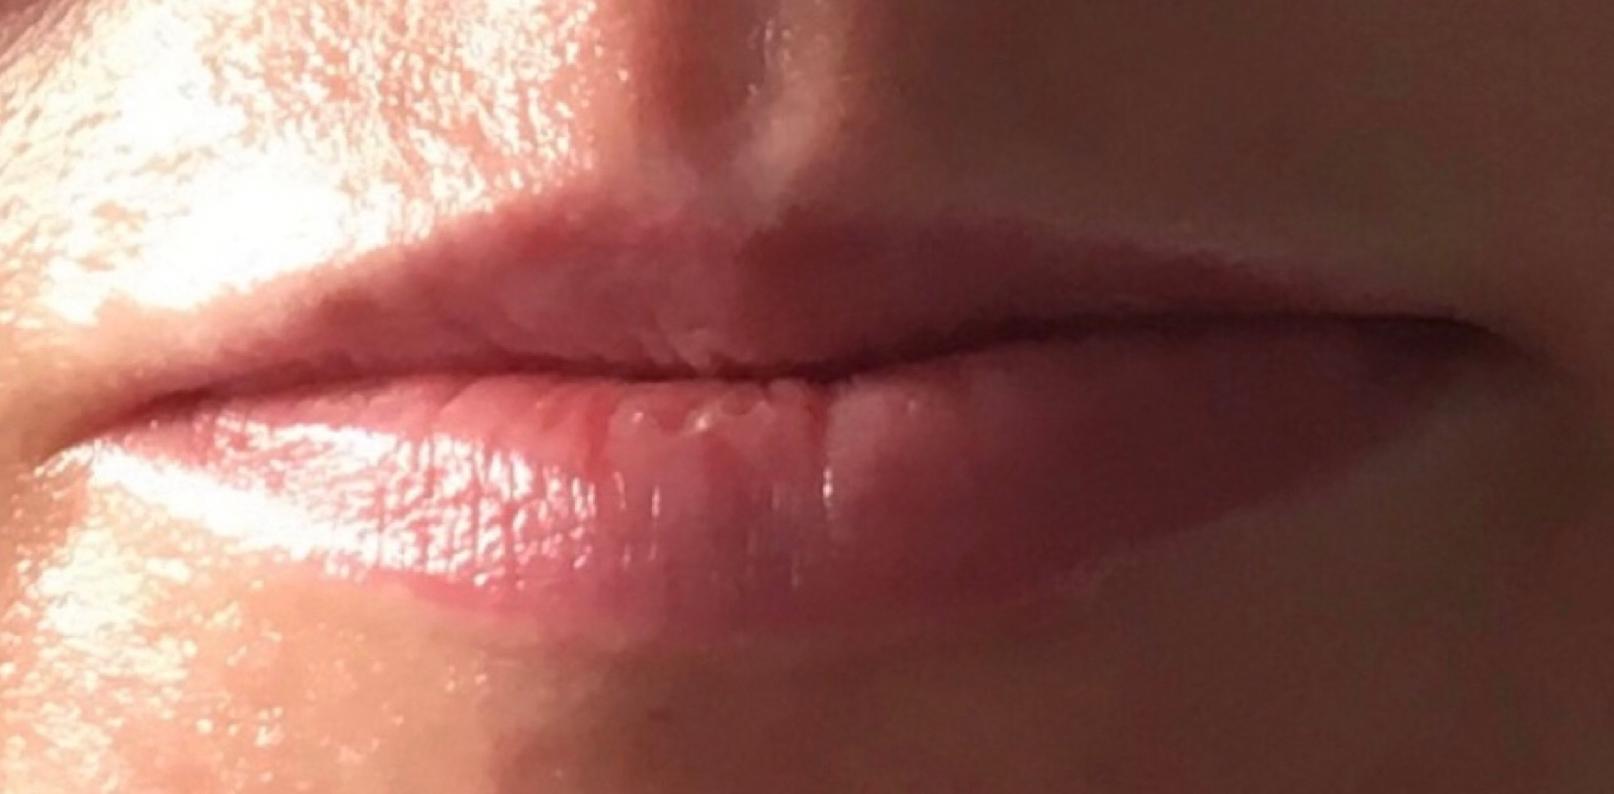 Lippen Vorher und Nachher